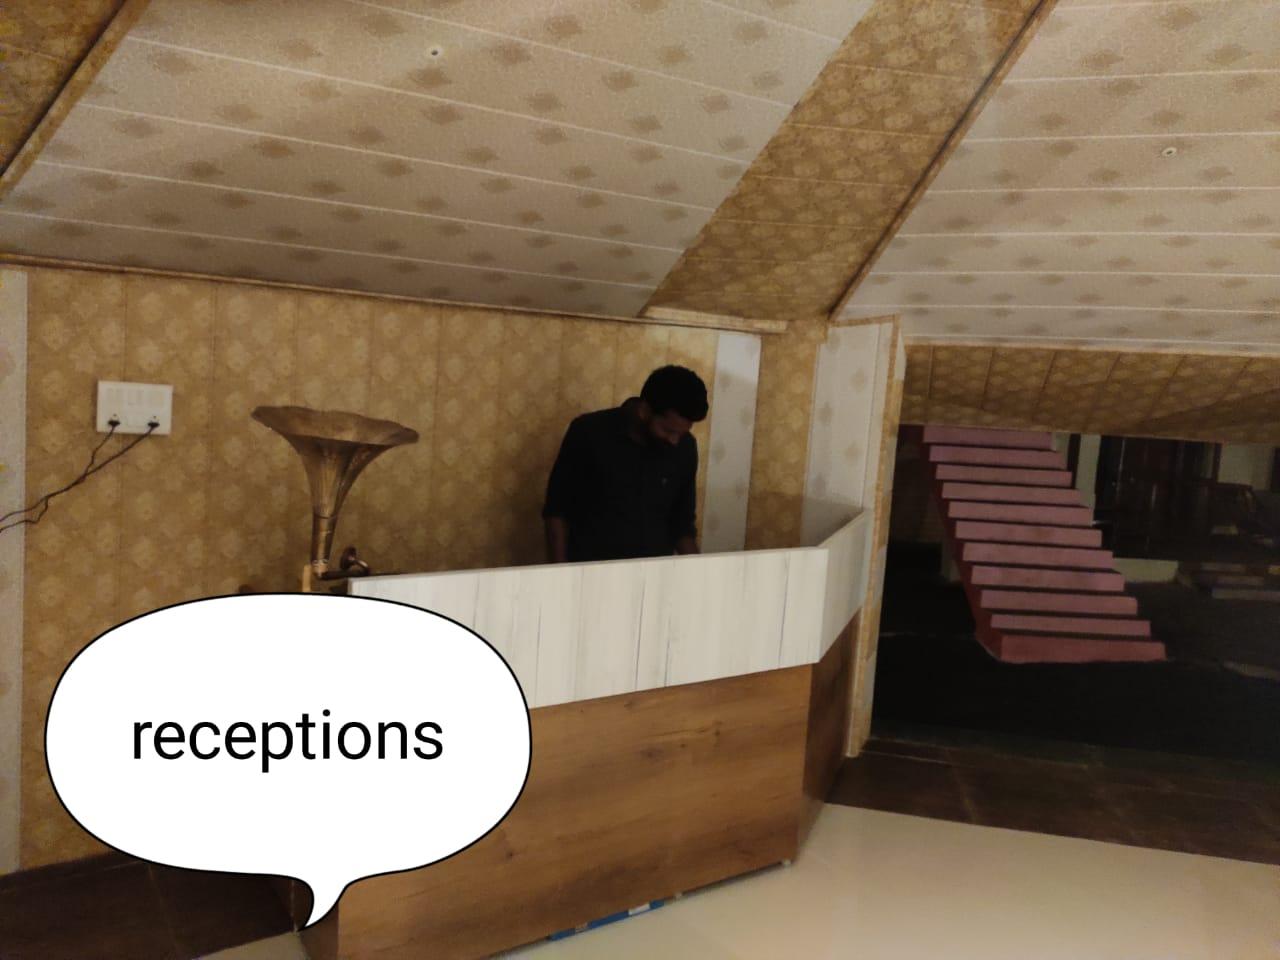 kfr-receptions